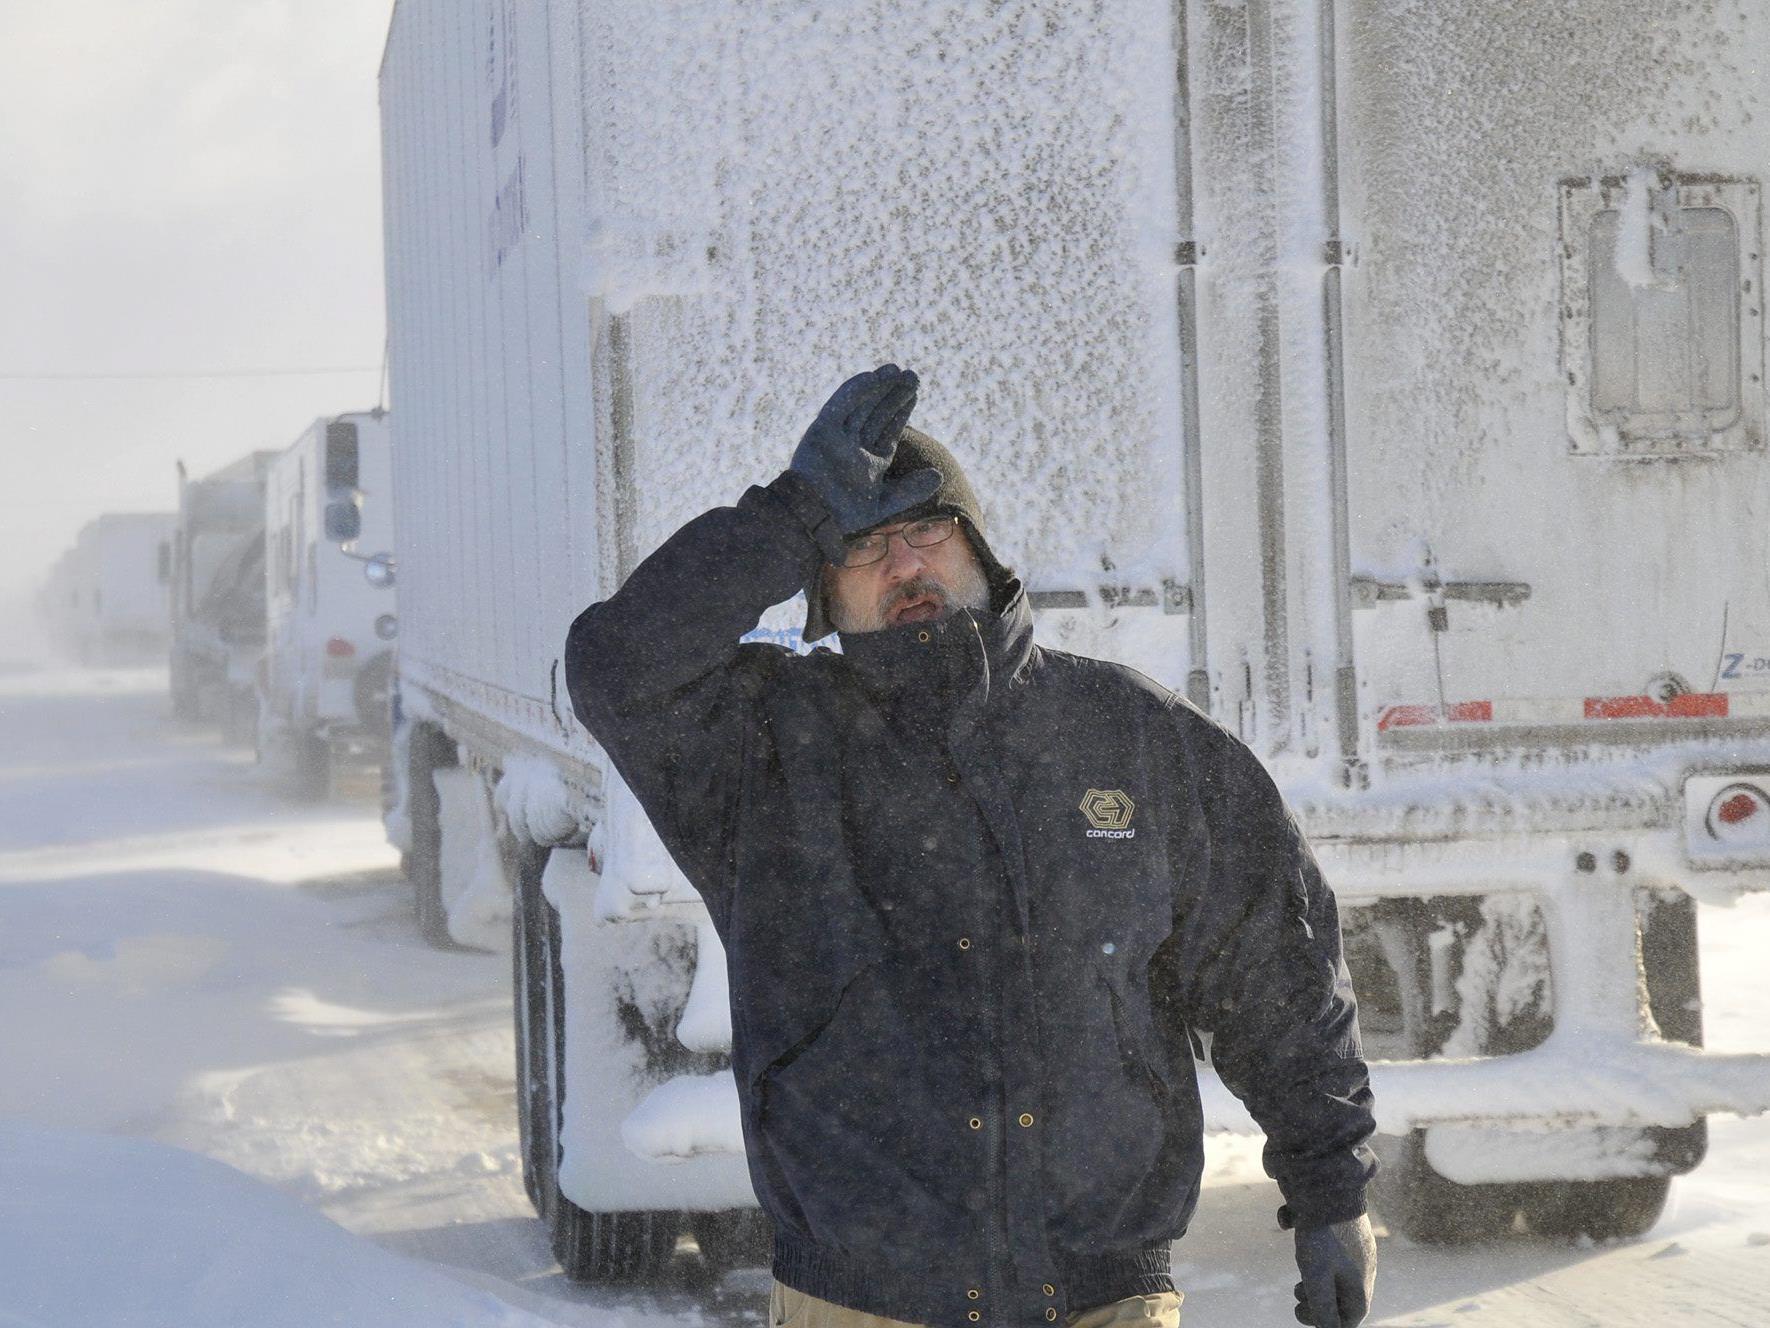 Der Winter in den USA kann sehr ungemütlich werden.